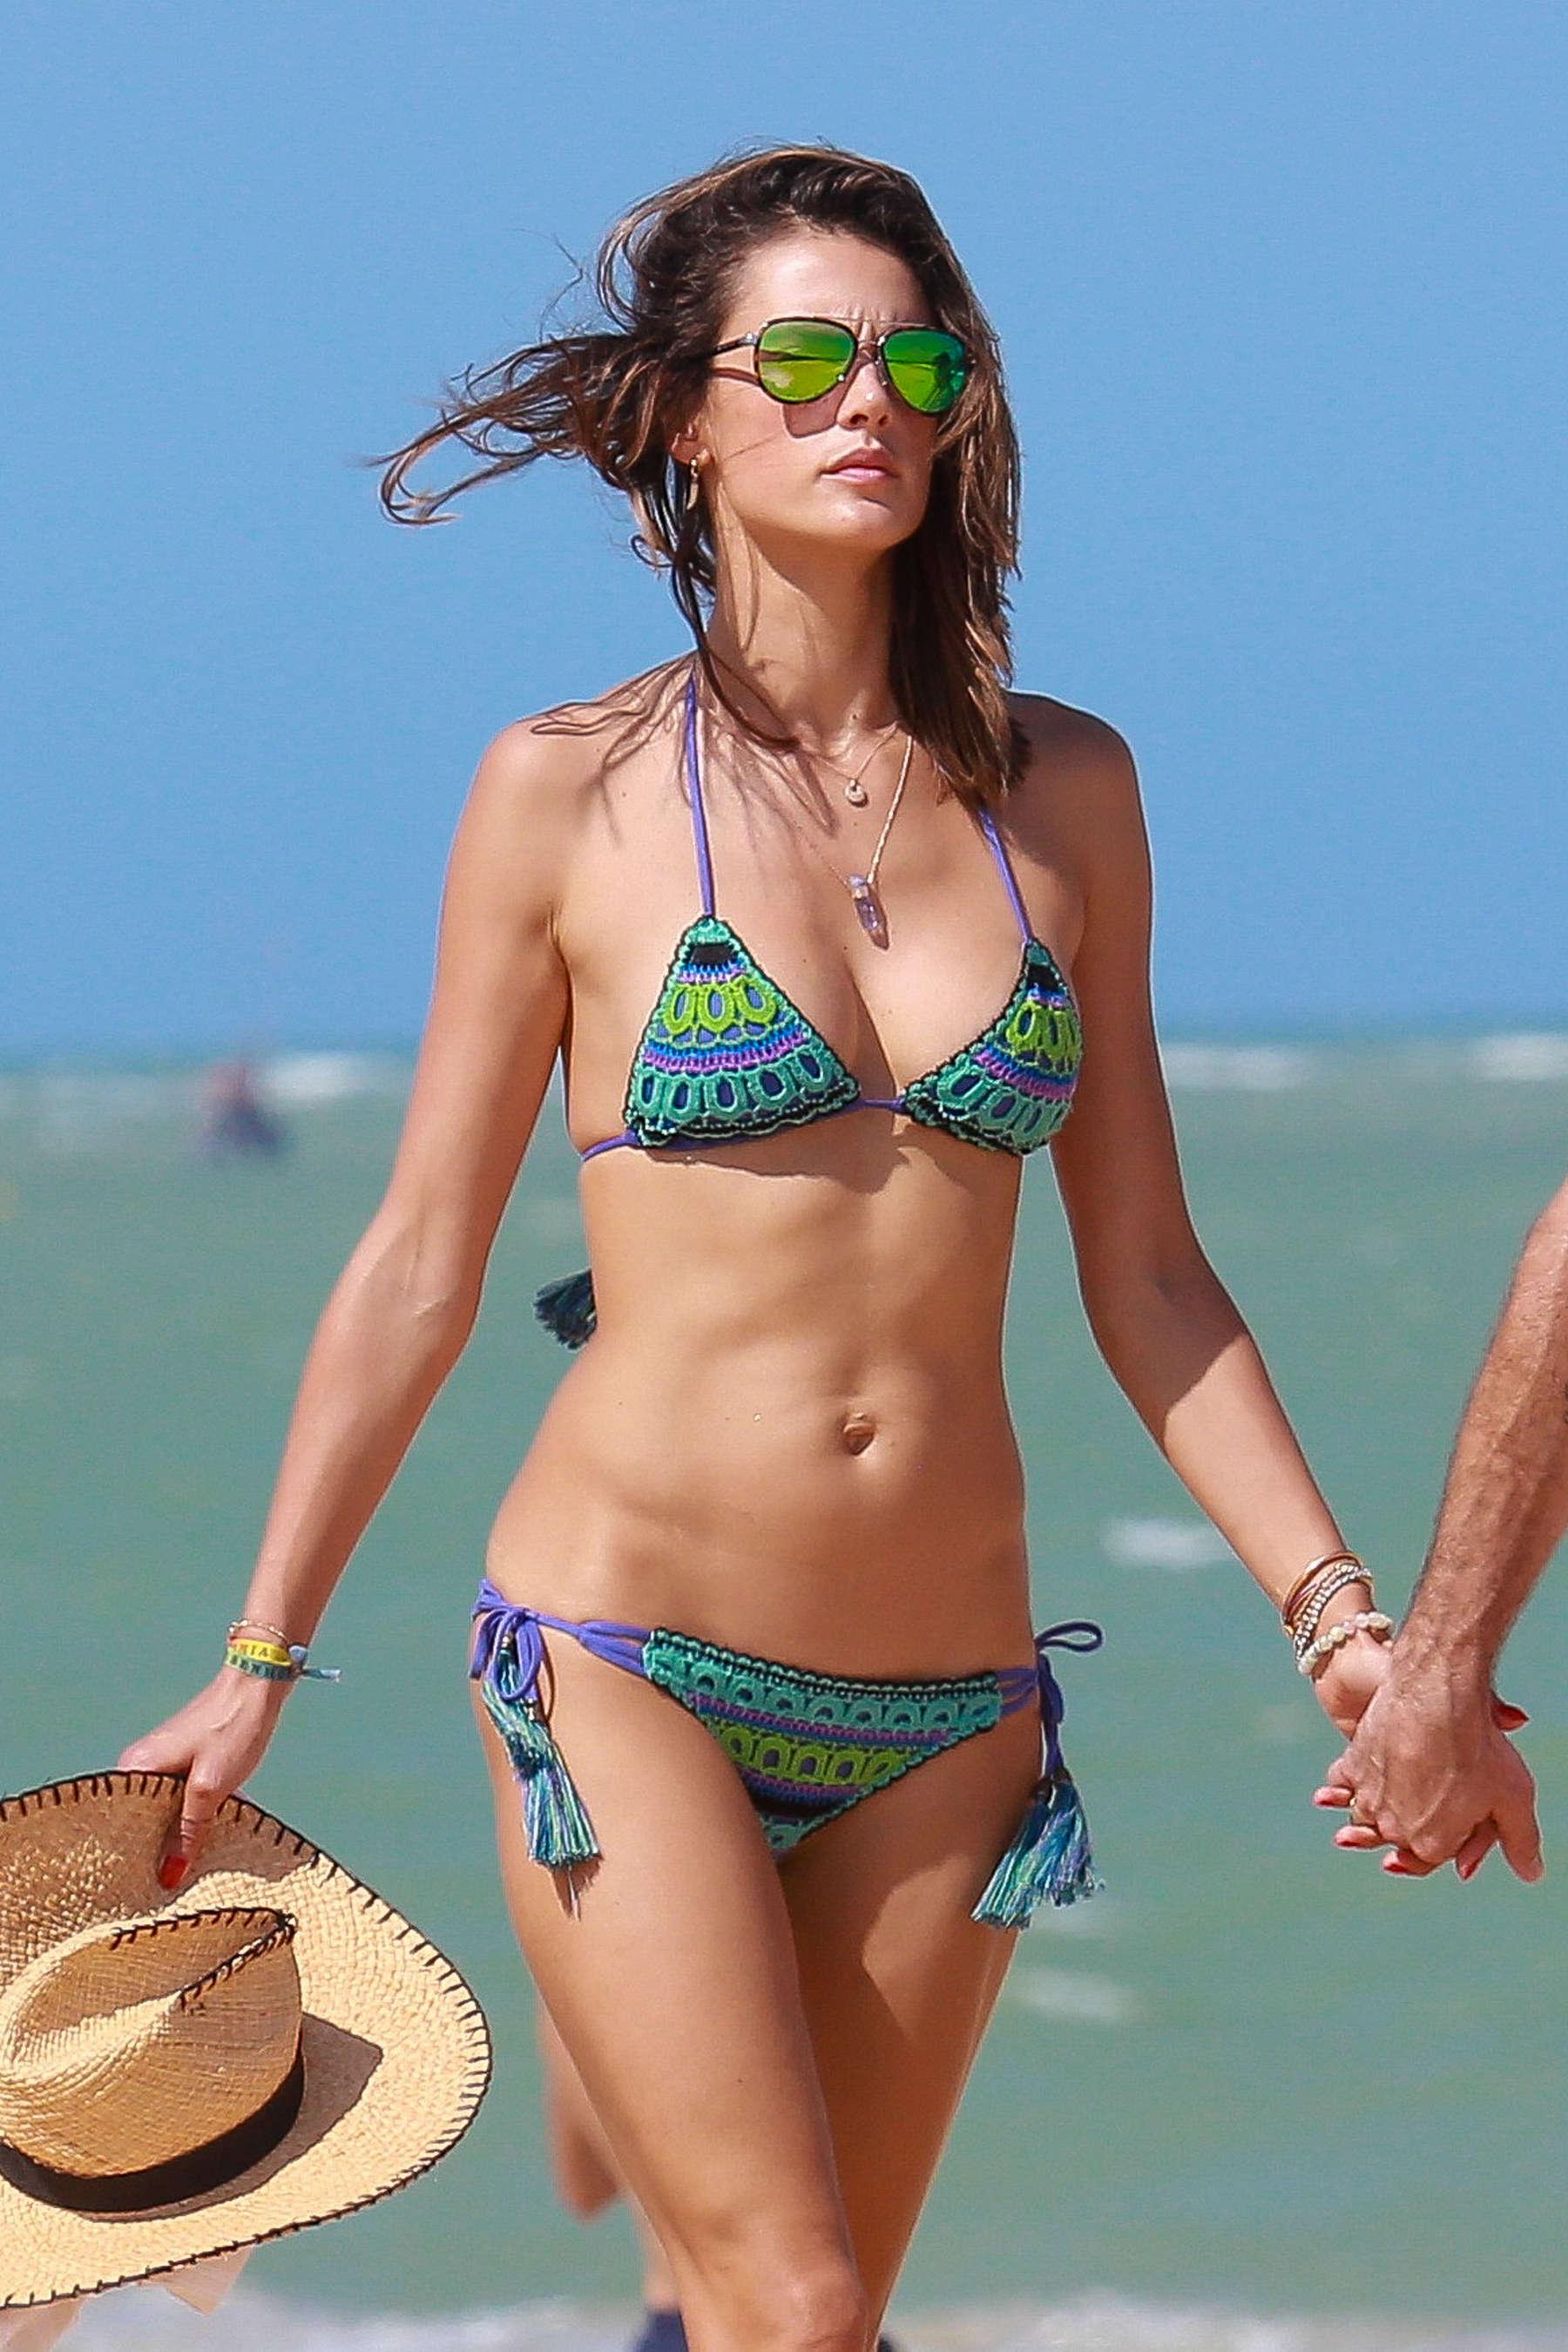 Alessandra Ambrosio 2016 : Alessandra Ambrosio Hot in Bikini -15